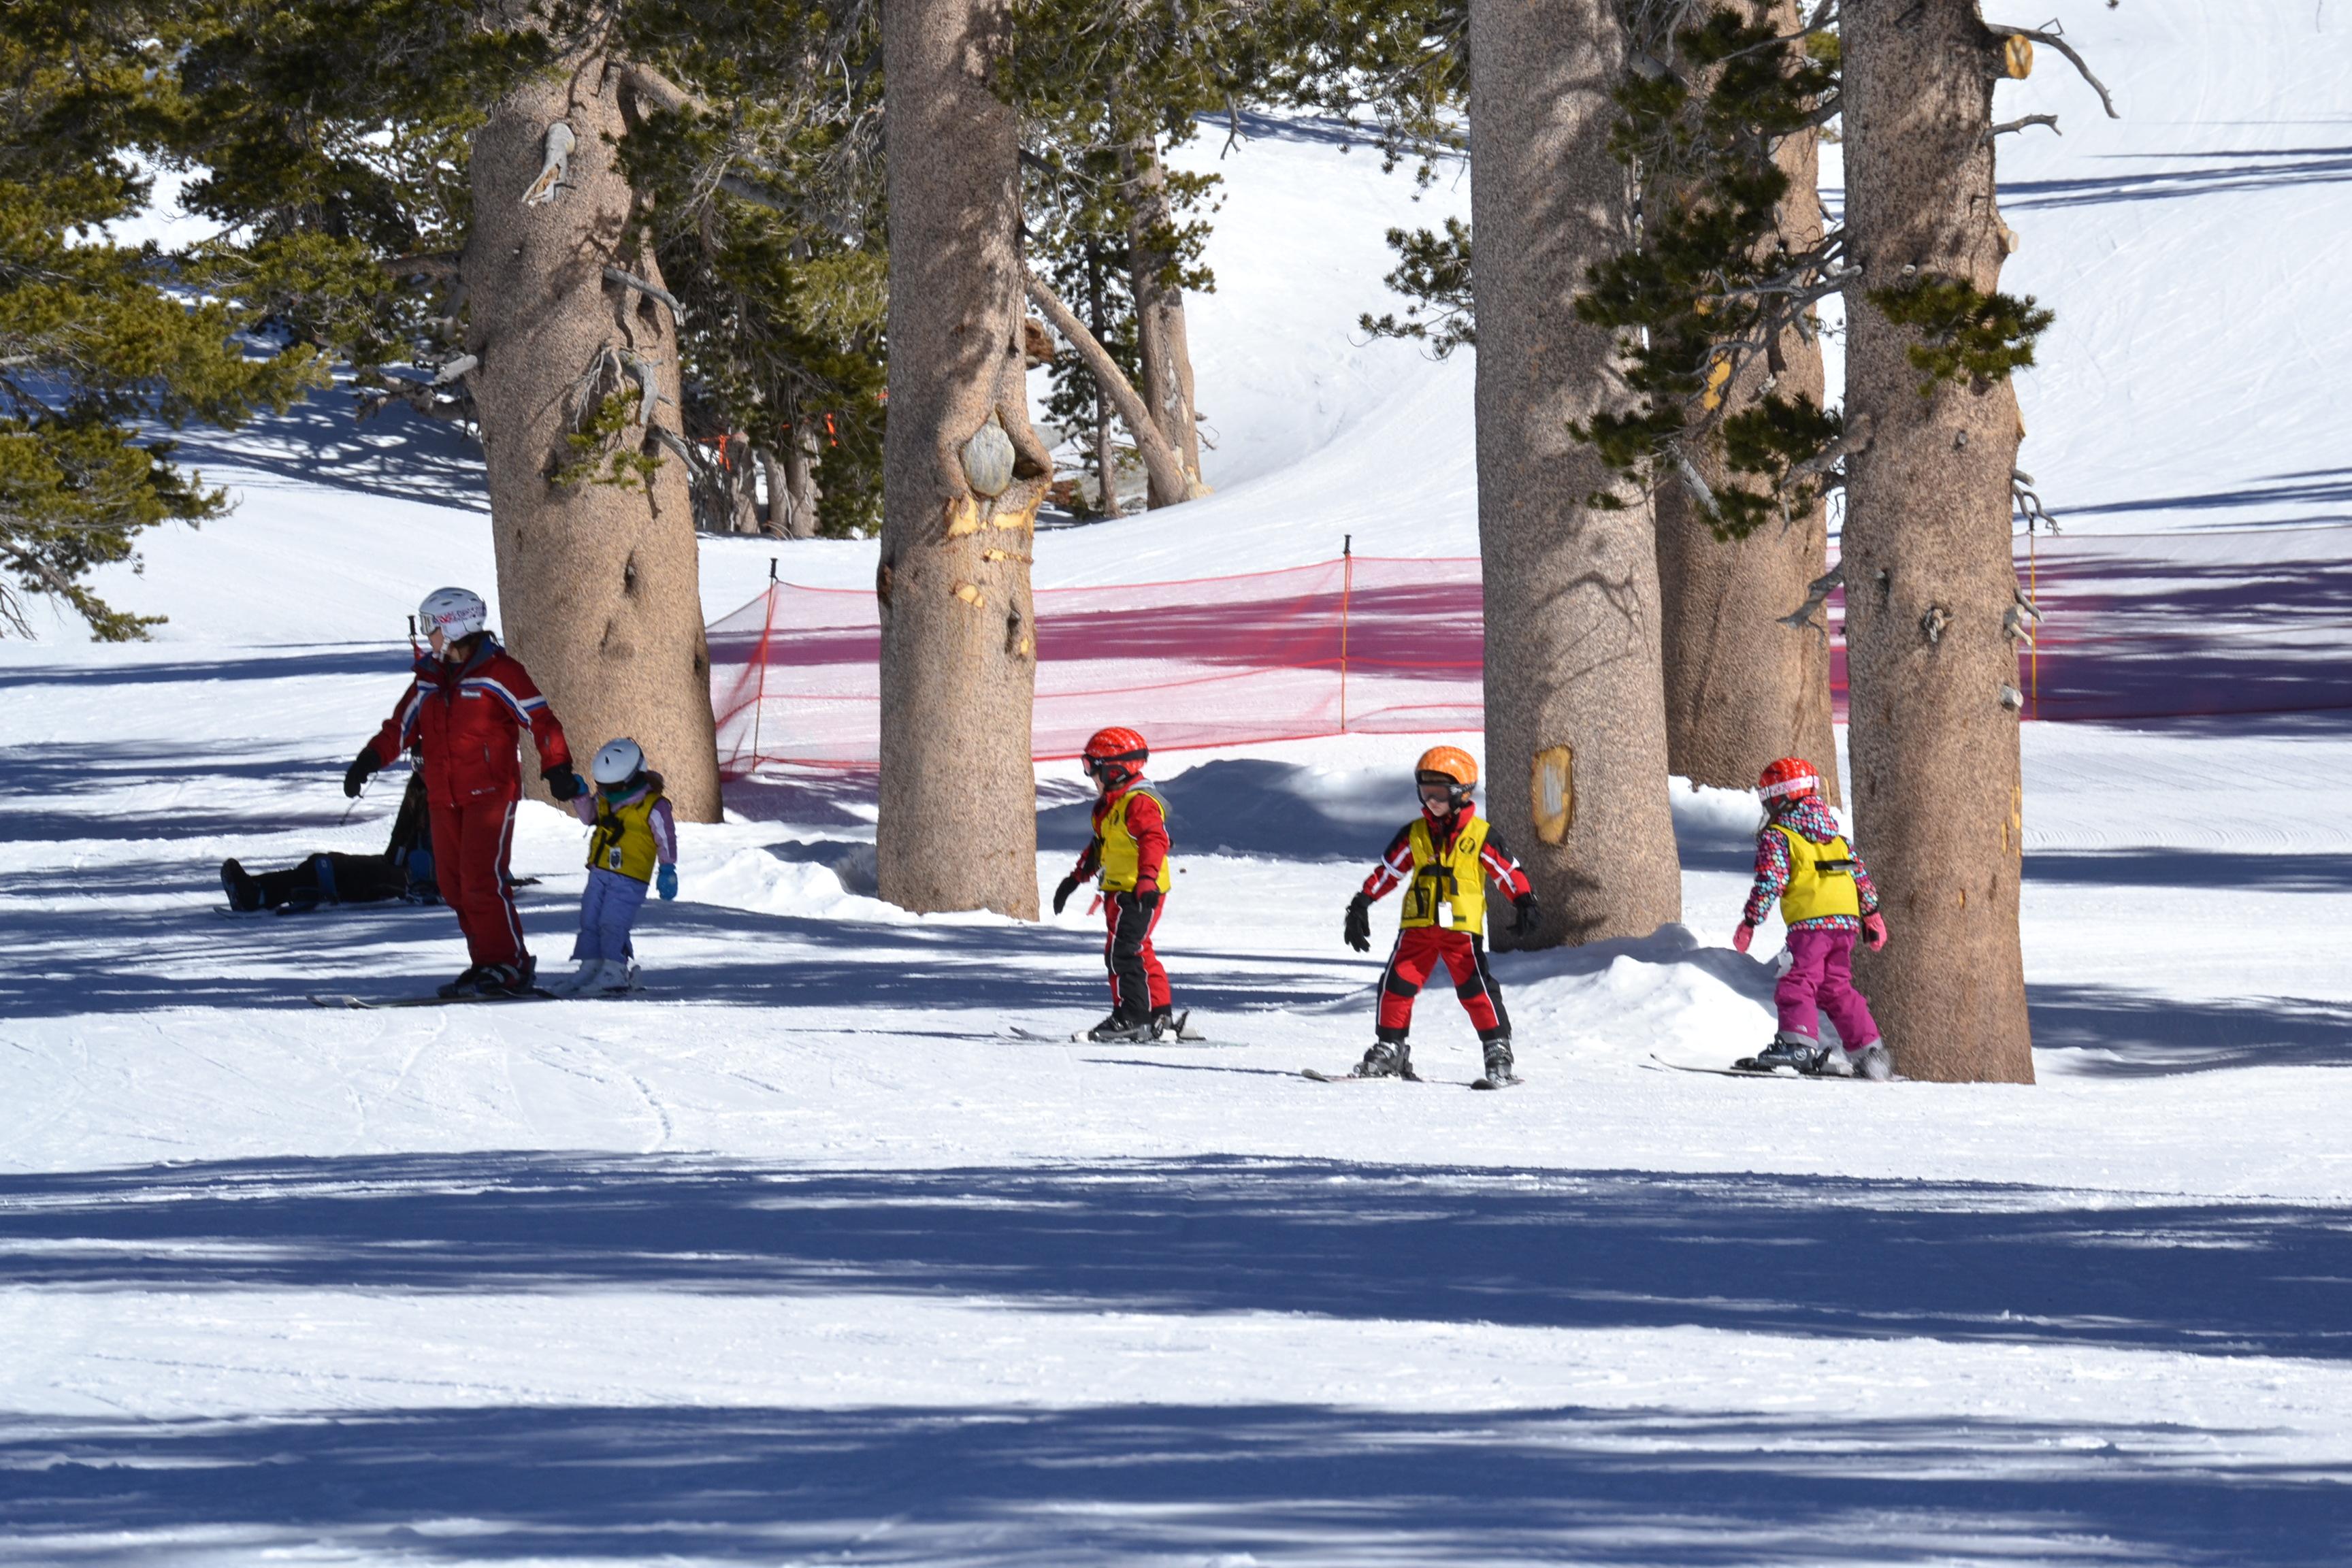 Ski School para crianças